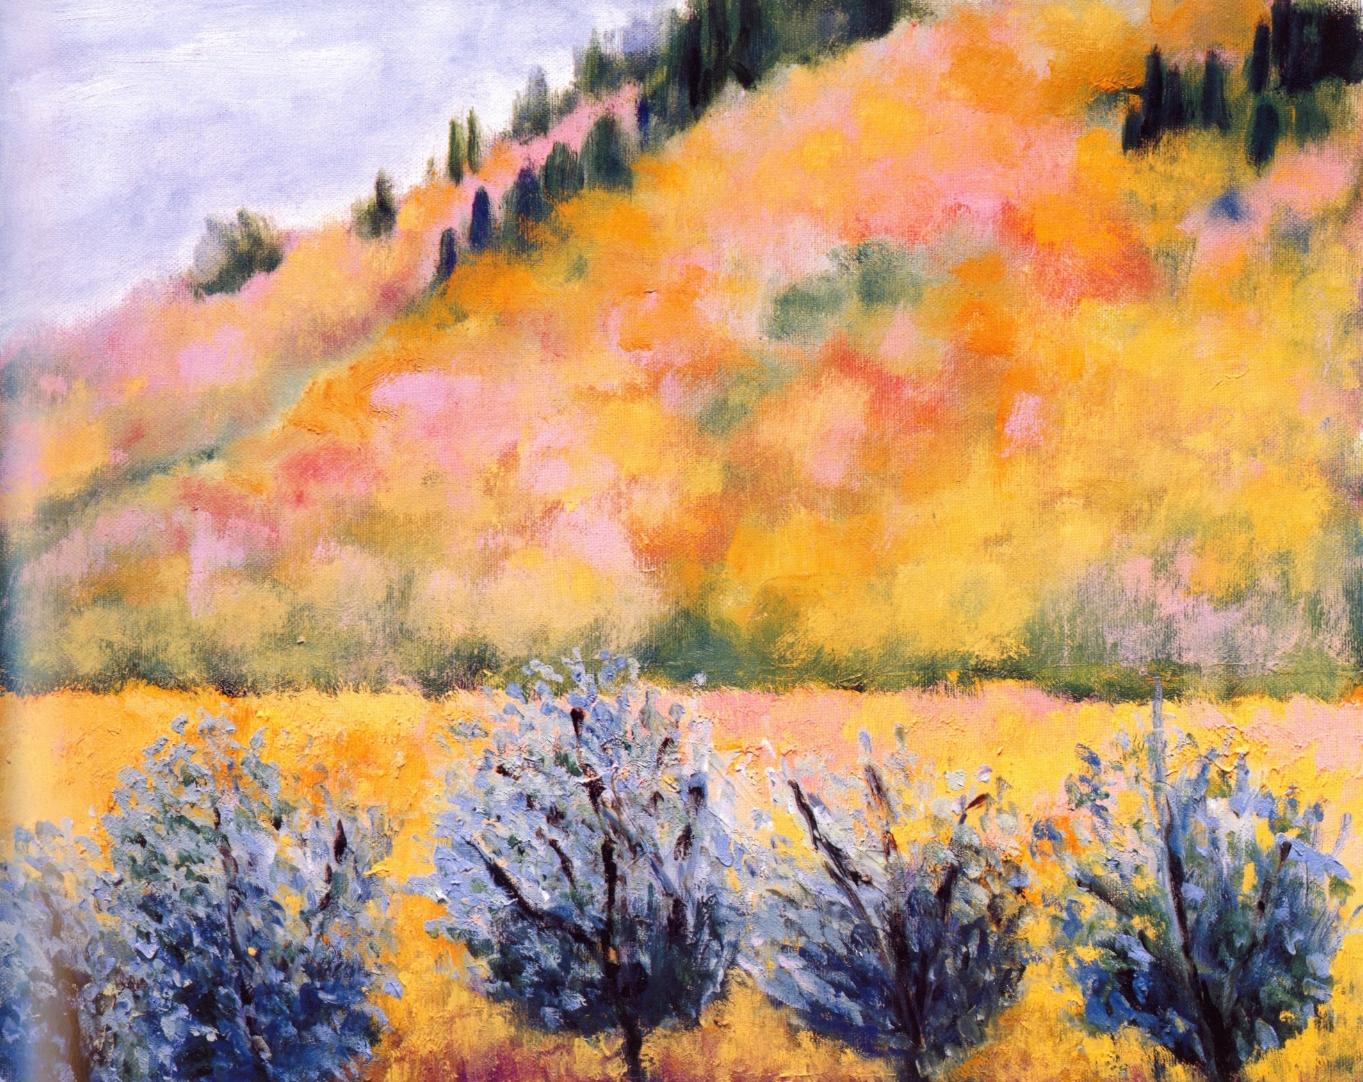 Verrazzano   Oil on canvas, 16'' x 24'', 2004